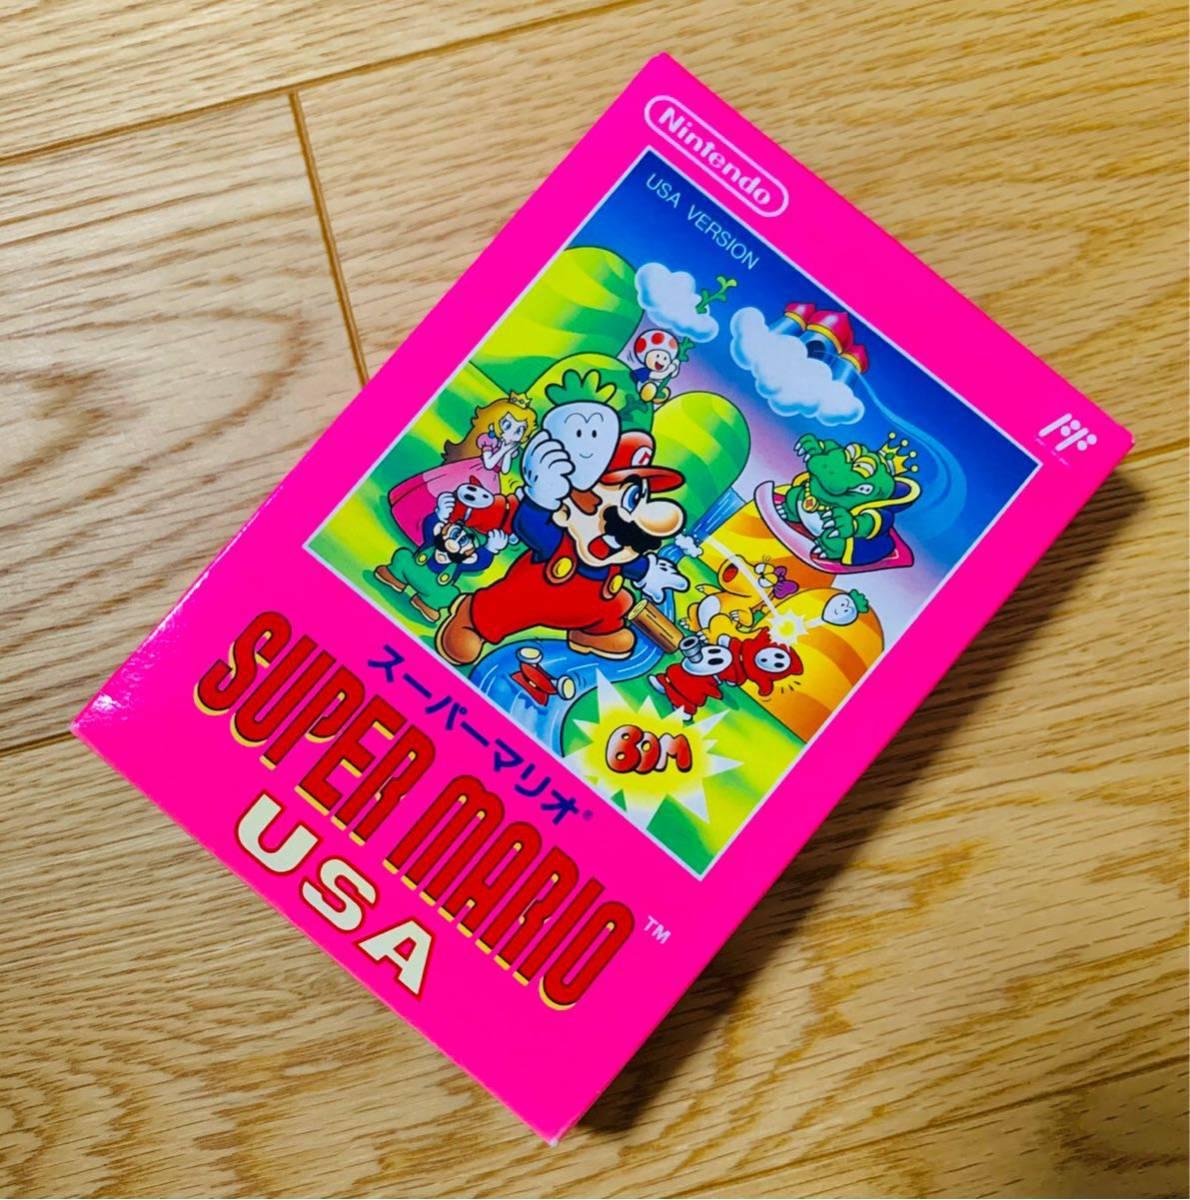 【未開封新品・超極良品】ファミコンソフト スーパーマリオUSA 任天堂 FC 1円スタート 非常に綺麗な新品 当時物 ラスト1本在庫_画像3